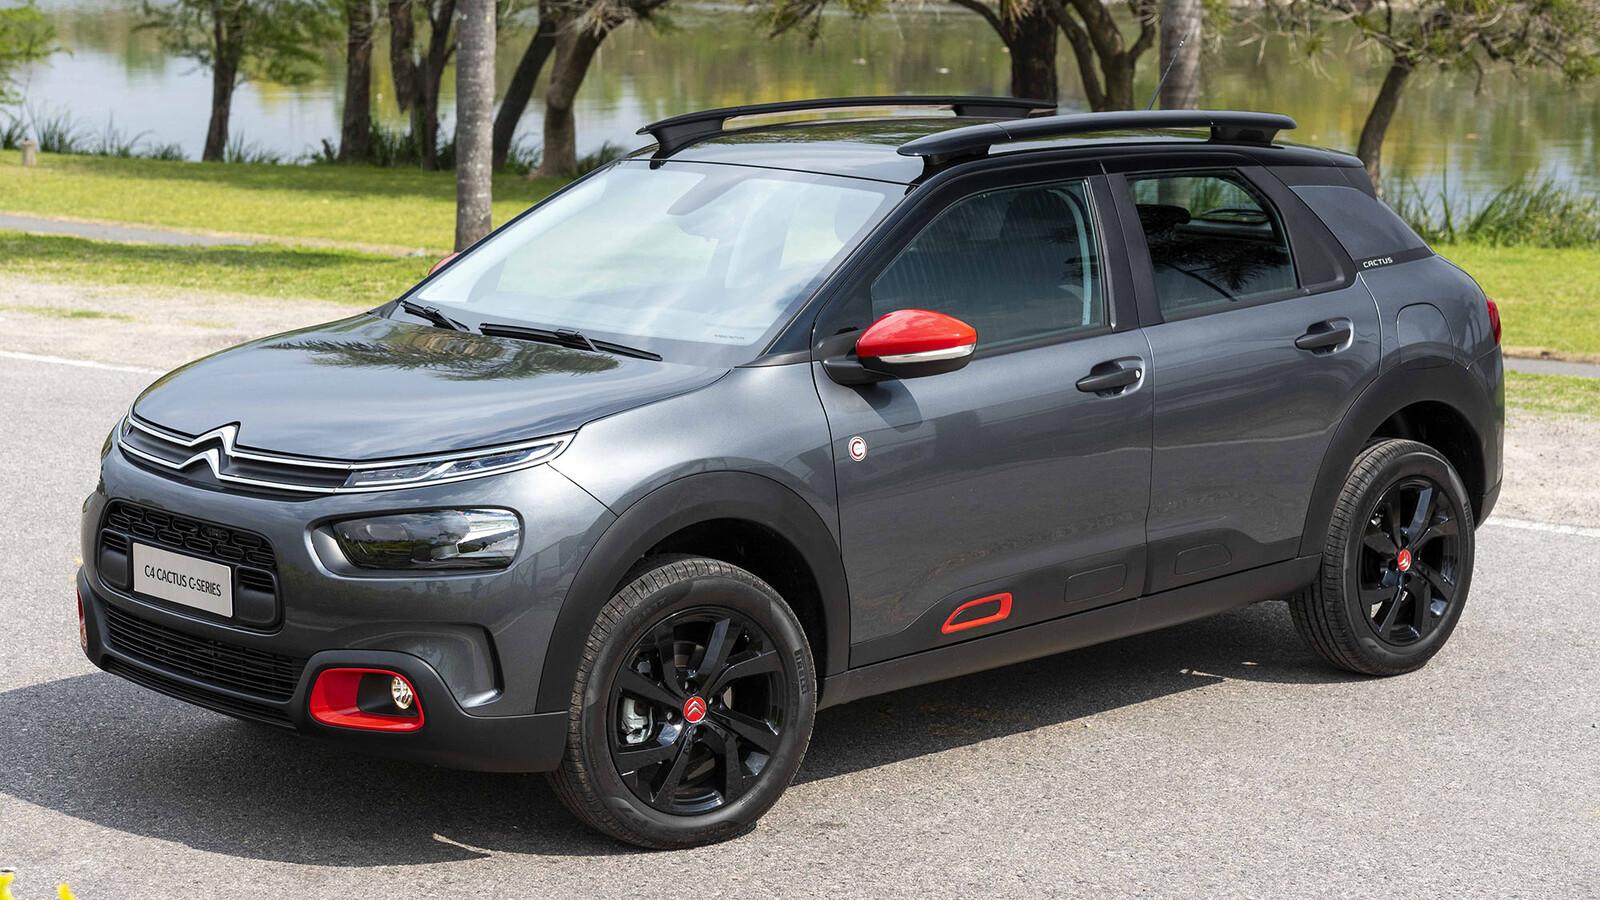 Citroën C4 Cactus C-Series en Argentina: diferencias y precios